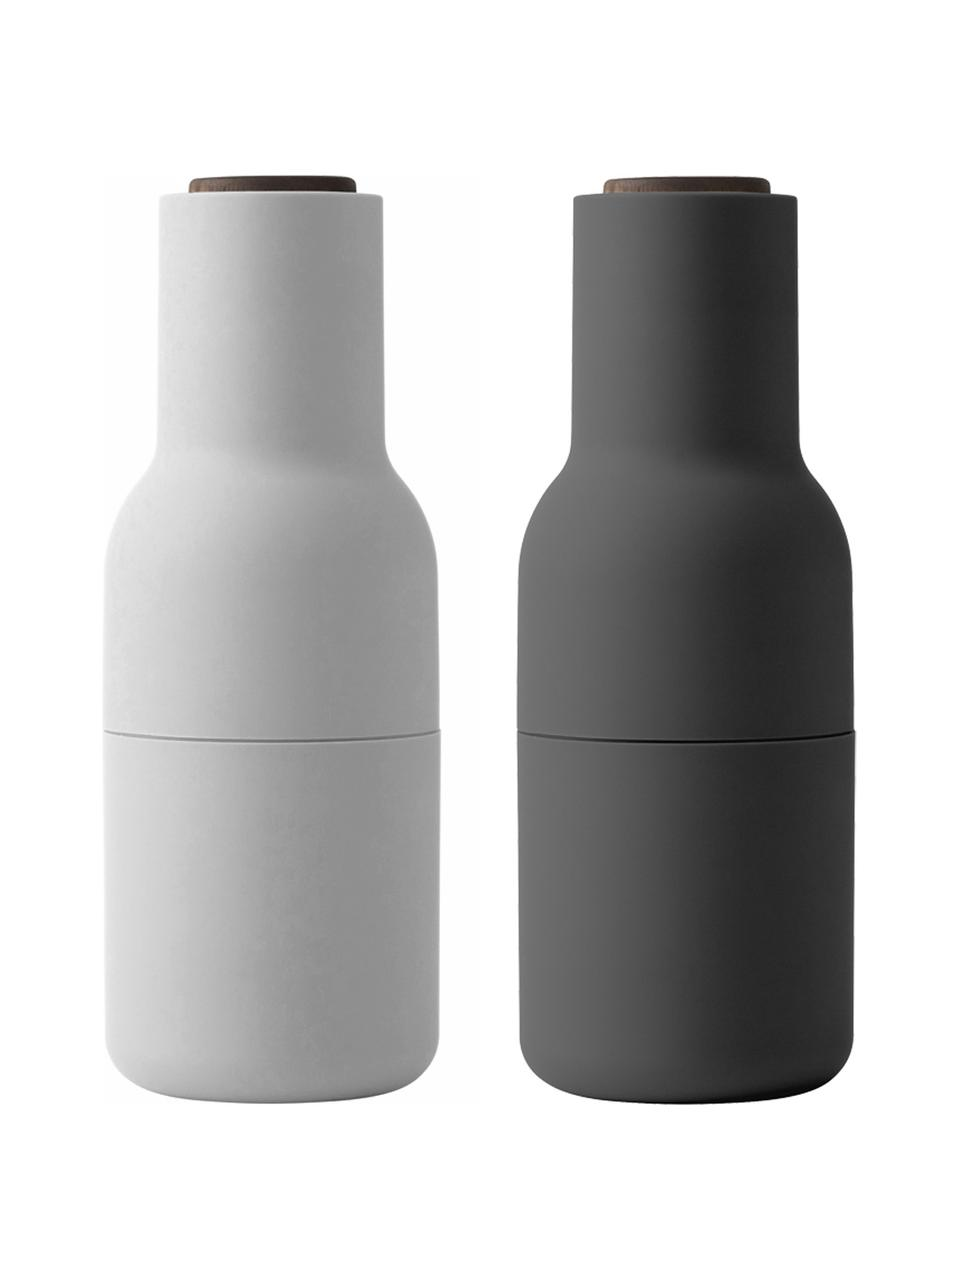 Komplet młynków Bottle Grinder, 2 elem., Korpus: tworzywo sztuczne, Antracytowy, biały, Ø 8 x W 21 cm